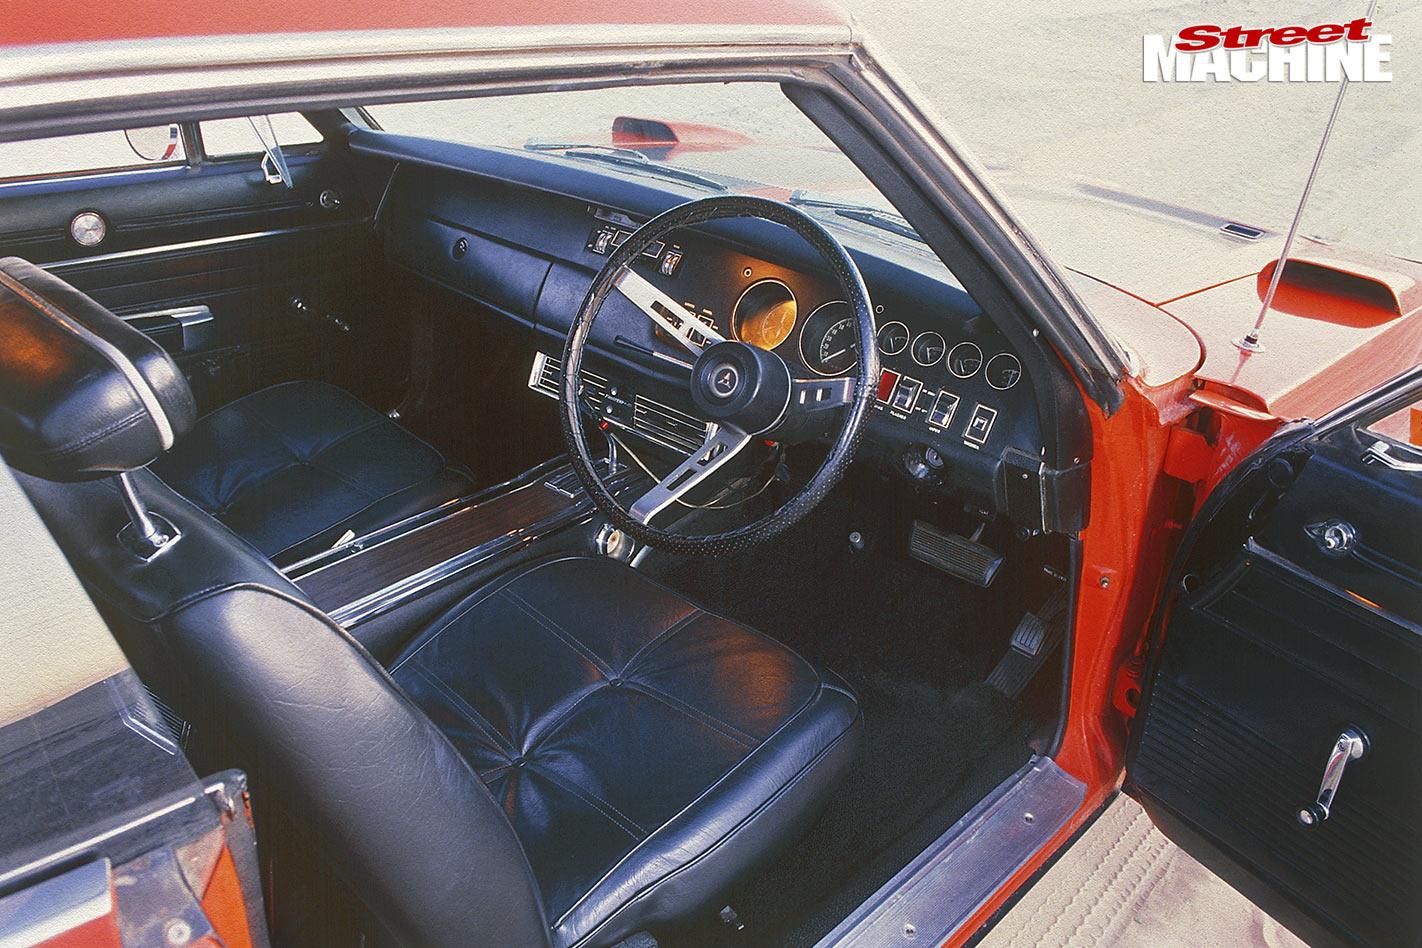 Dodge Charger Daytona street freak, photo 08.